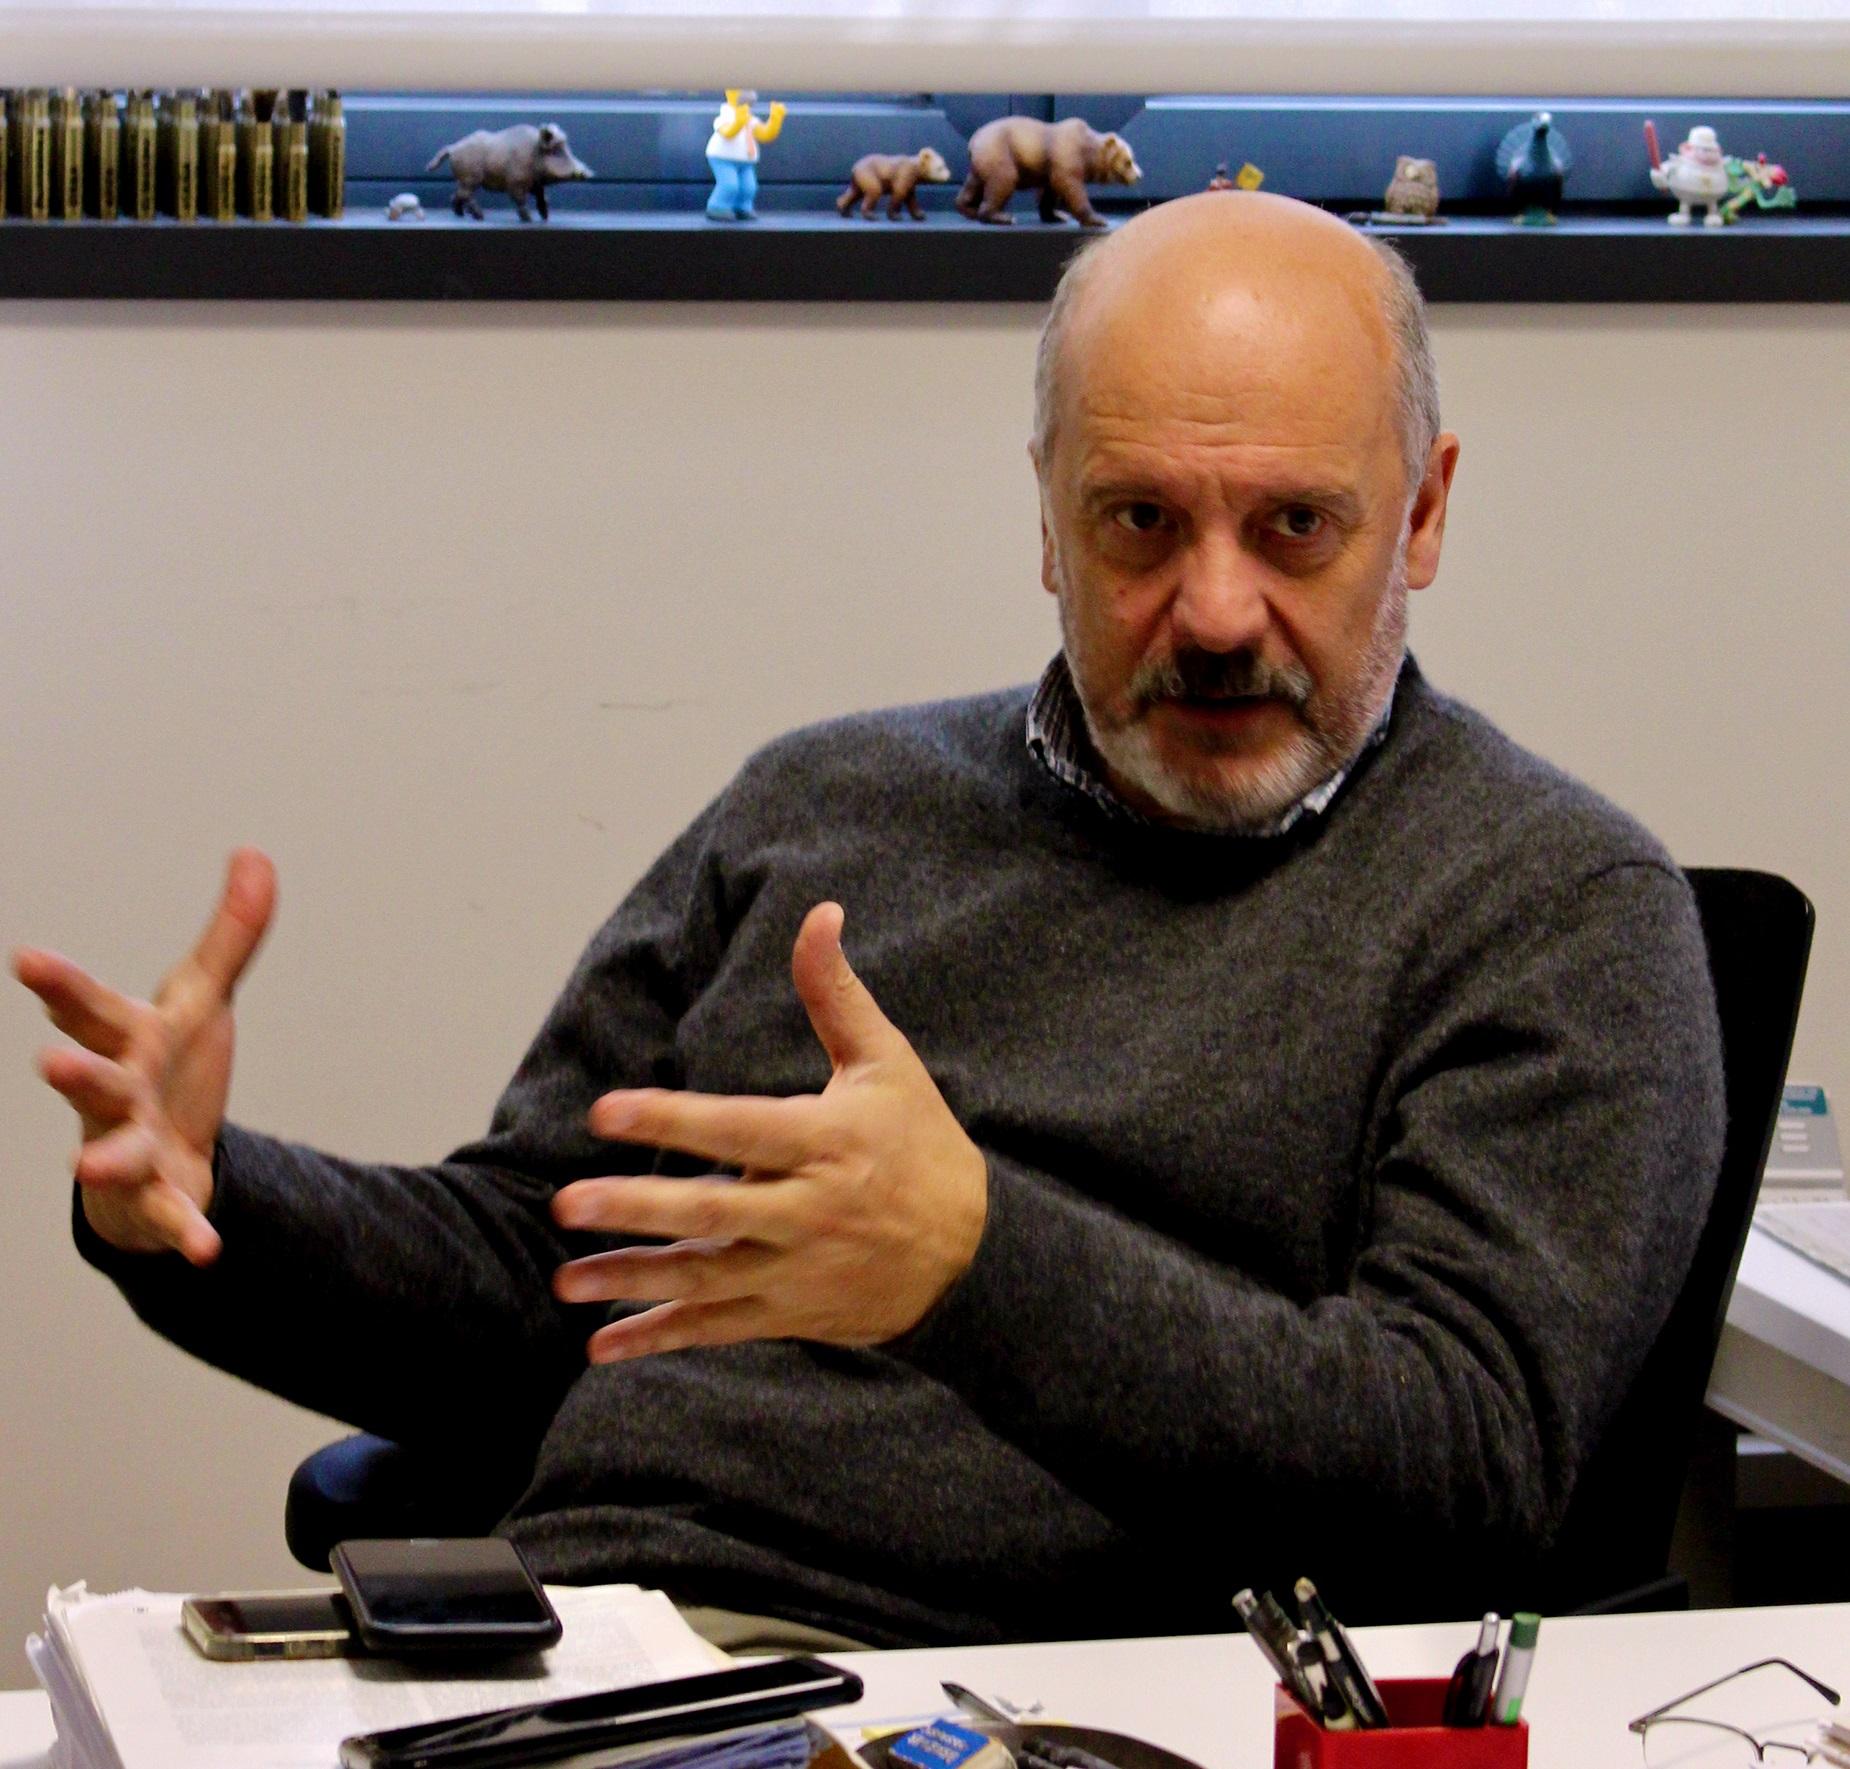 imagen de El biólogo, Piero Crespo, en su despacho del IBBTEC-CSIC. / Javier Menéndez